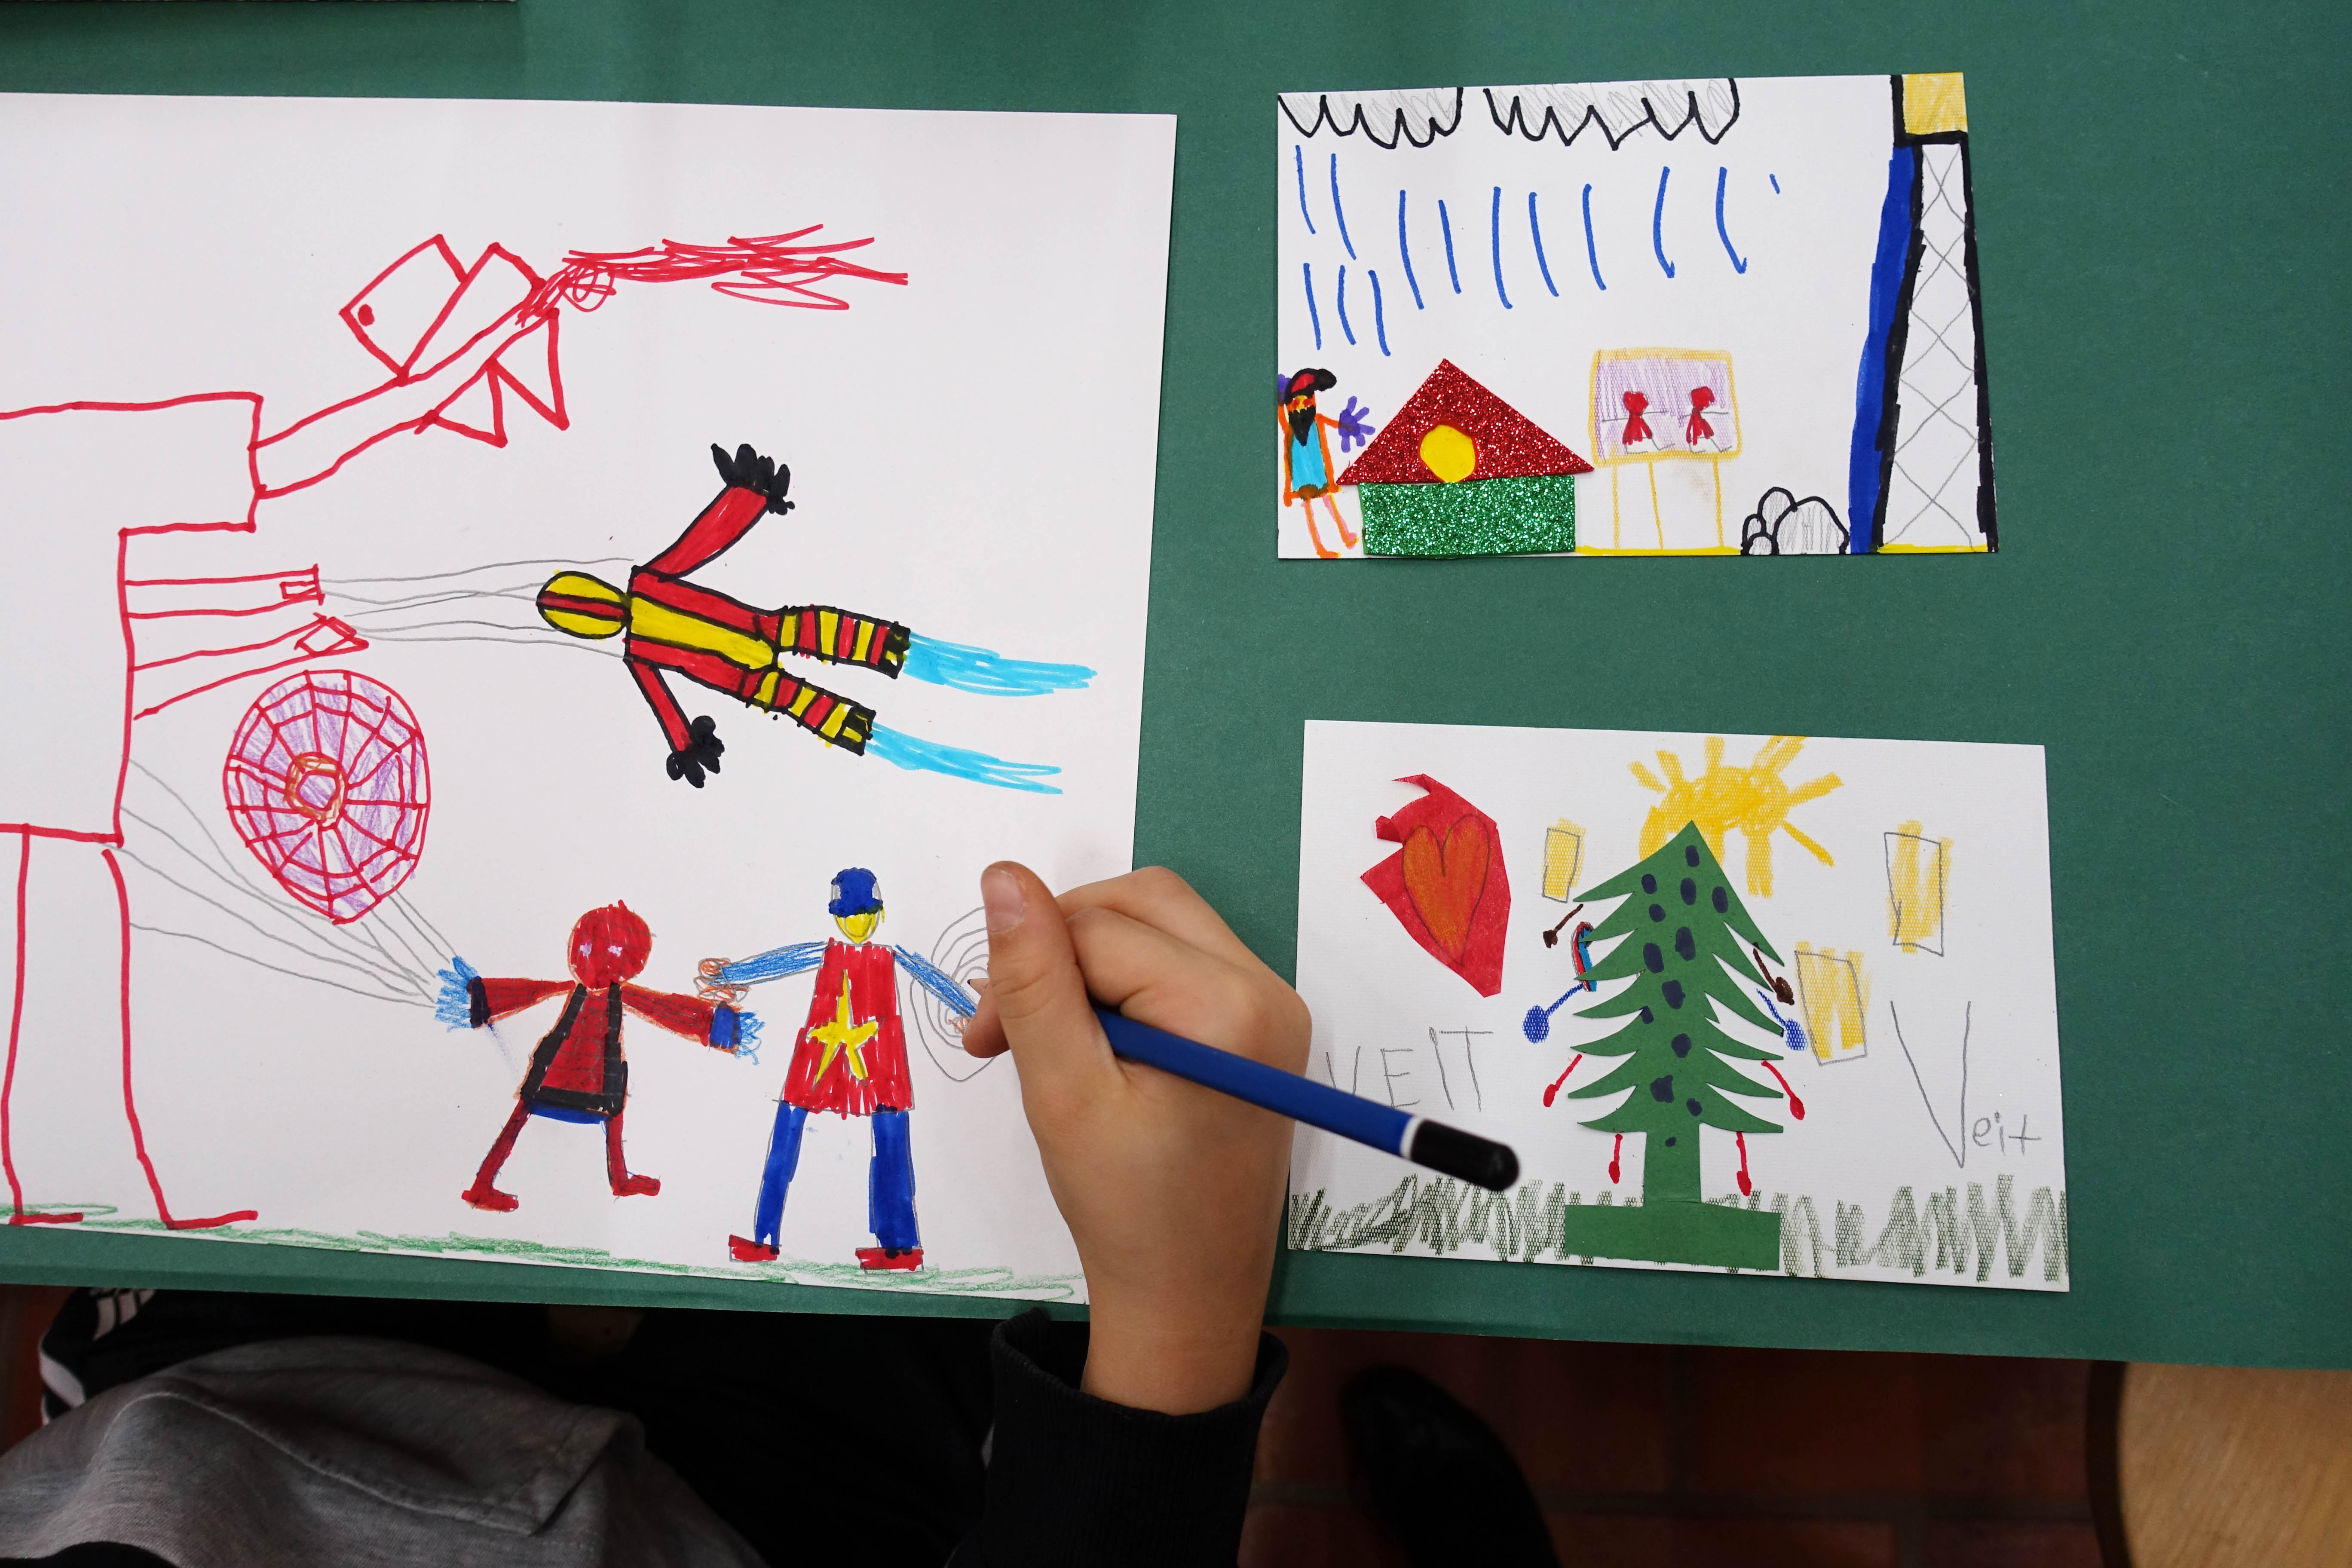 Lasten lauantai Porin taidemuseossa